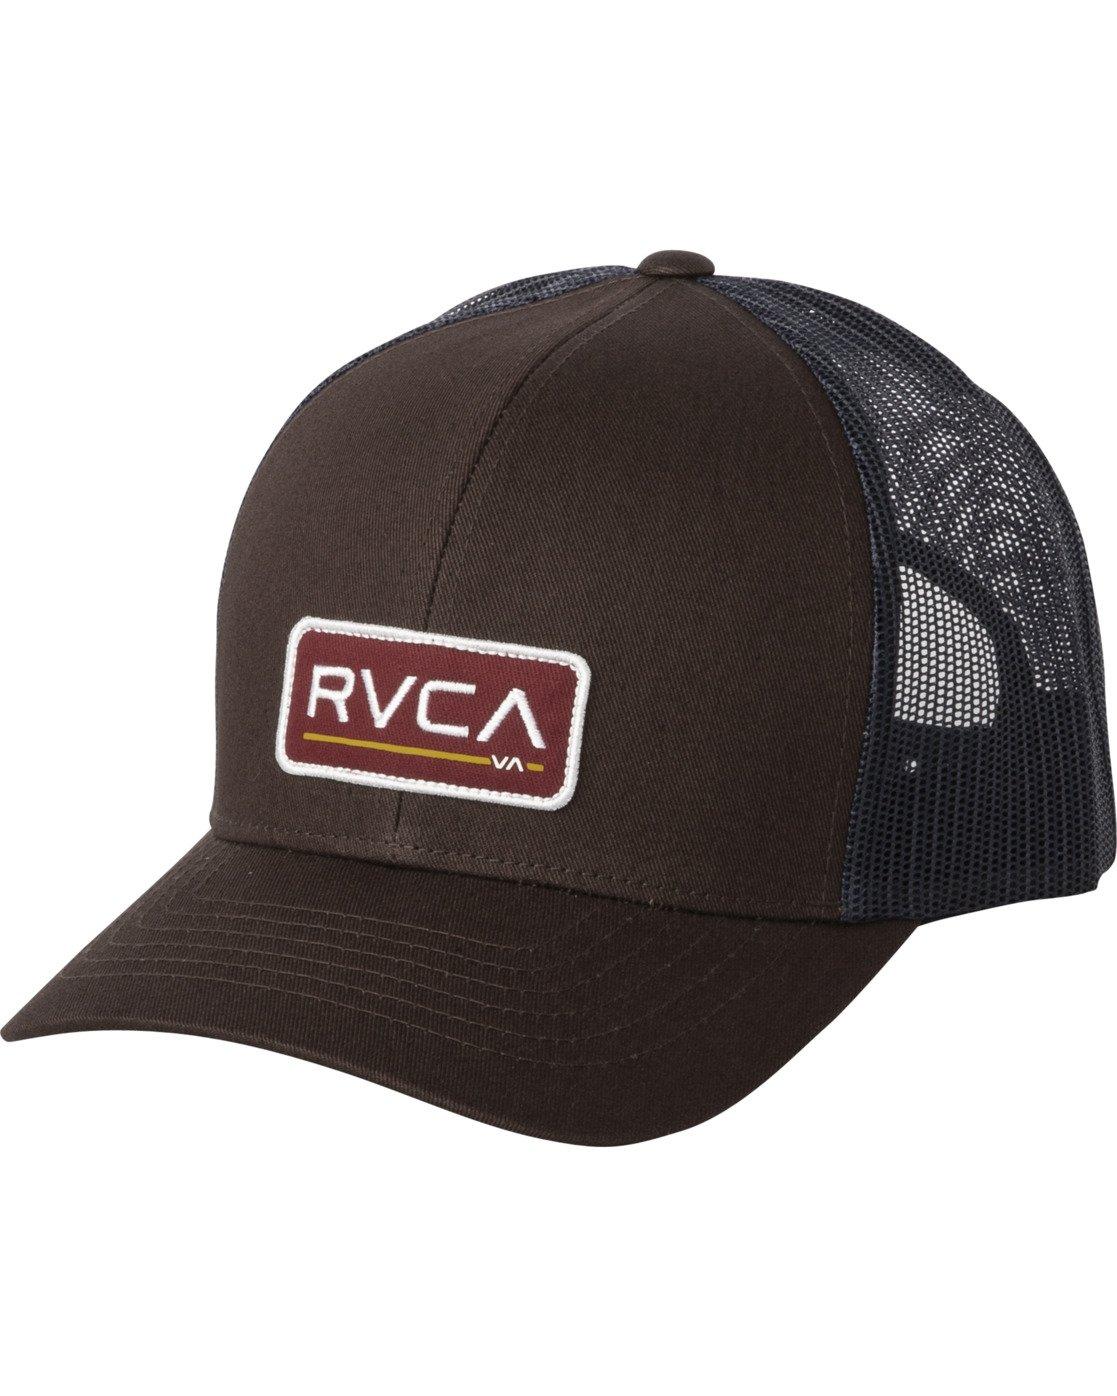 0 TICKET III TRUCKER HAT Brown MAHWWRTT RVCA